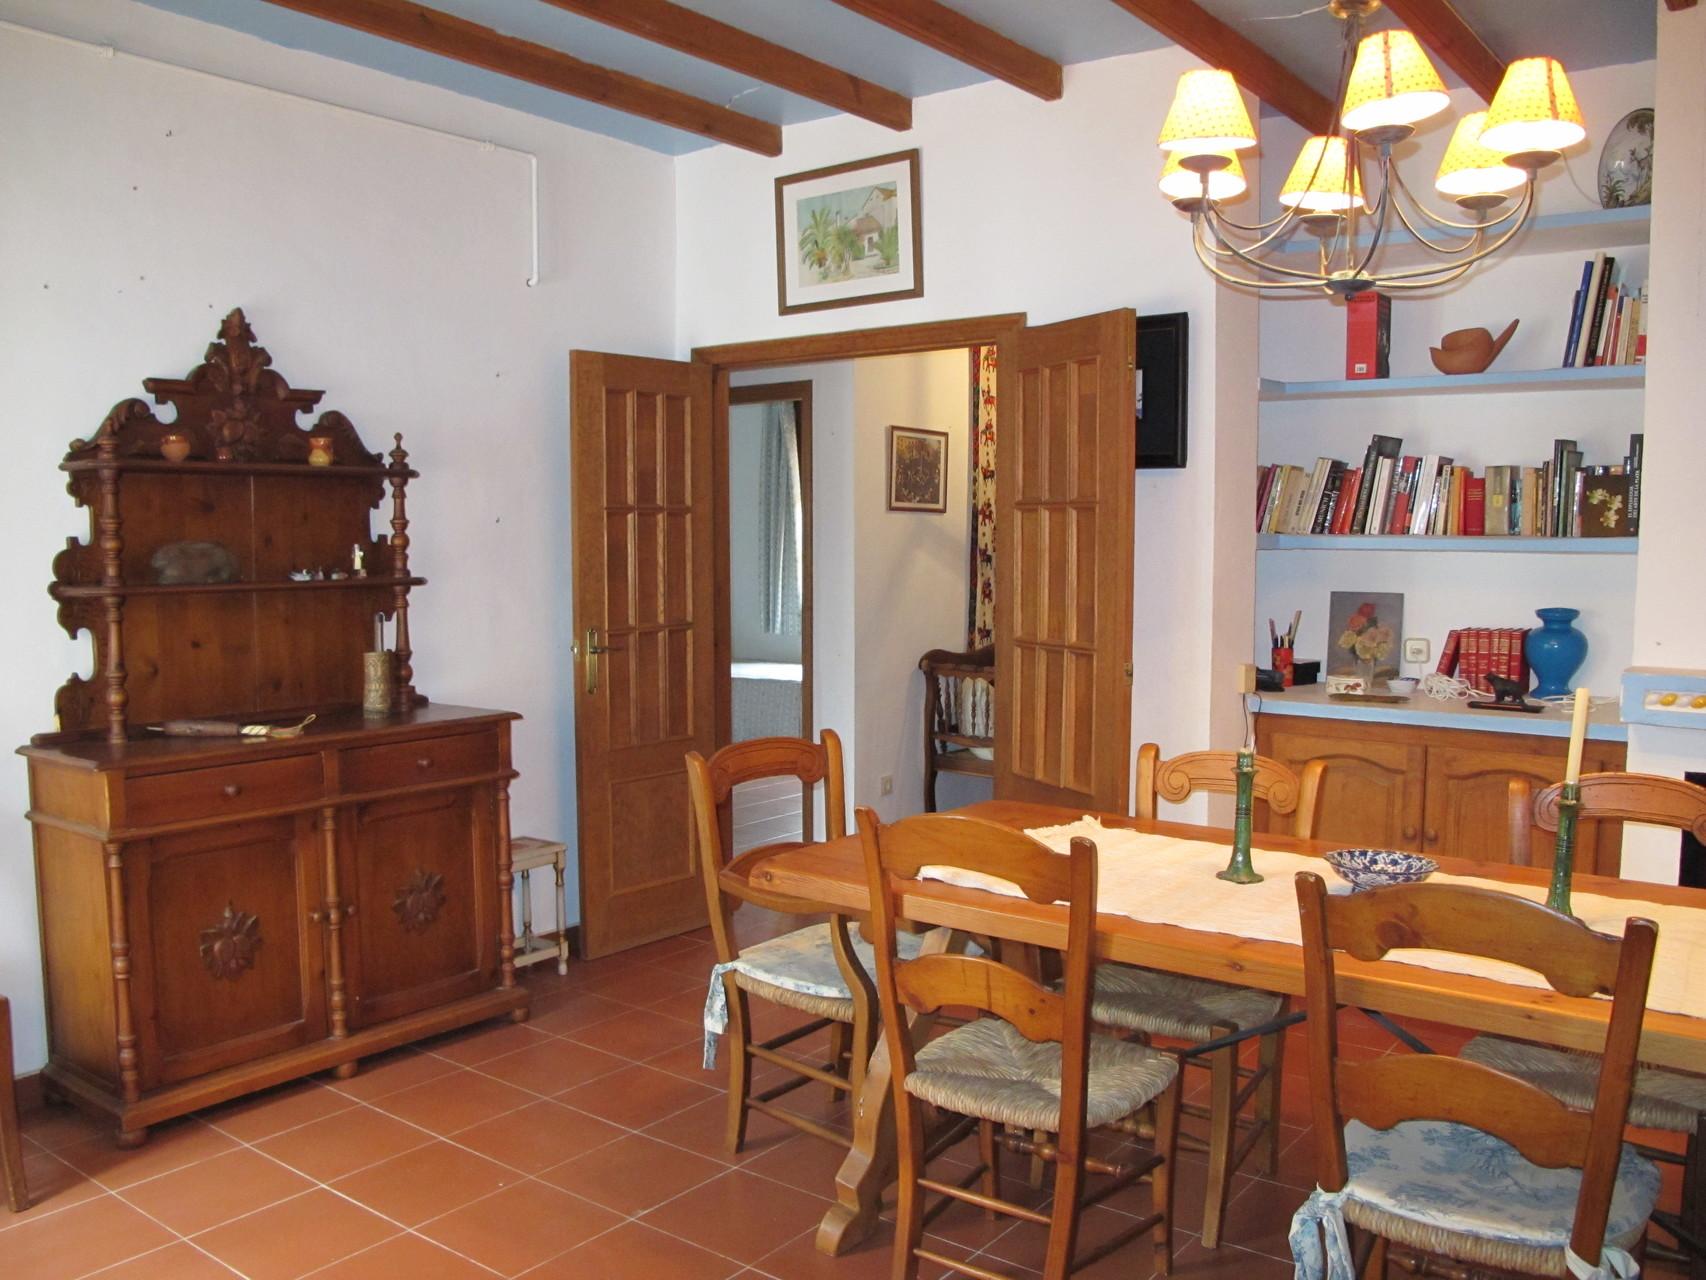 Detalle salón interior